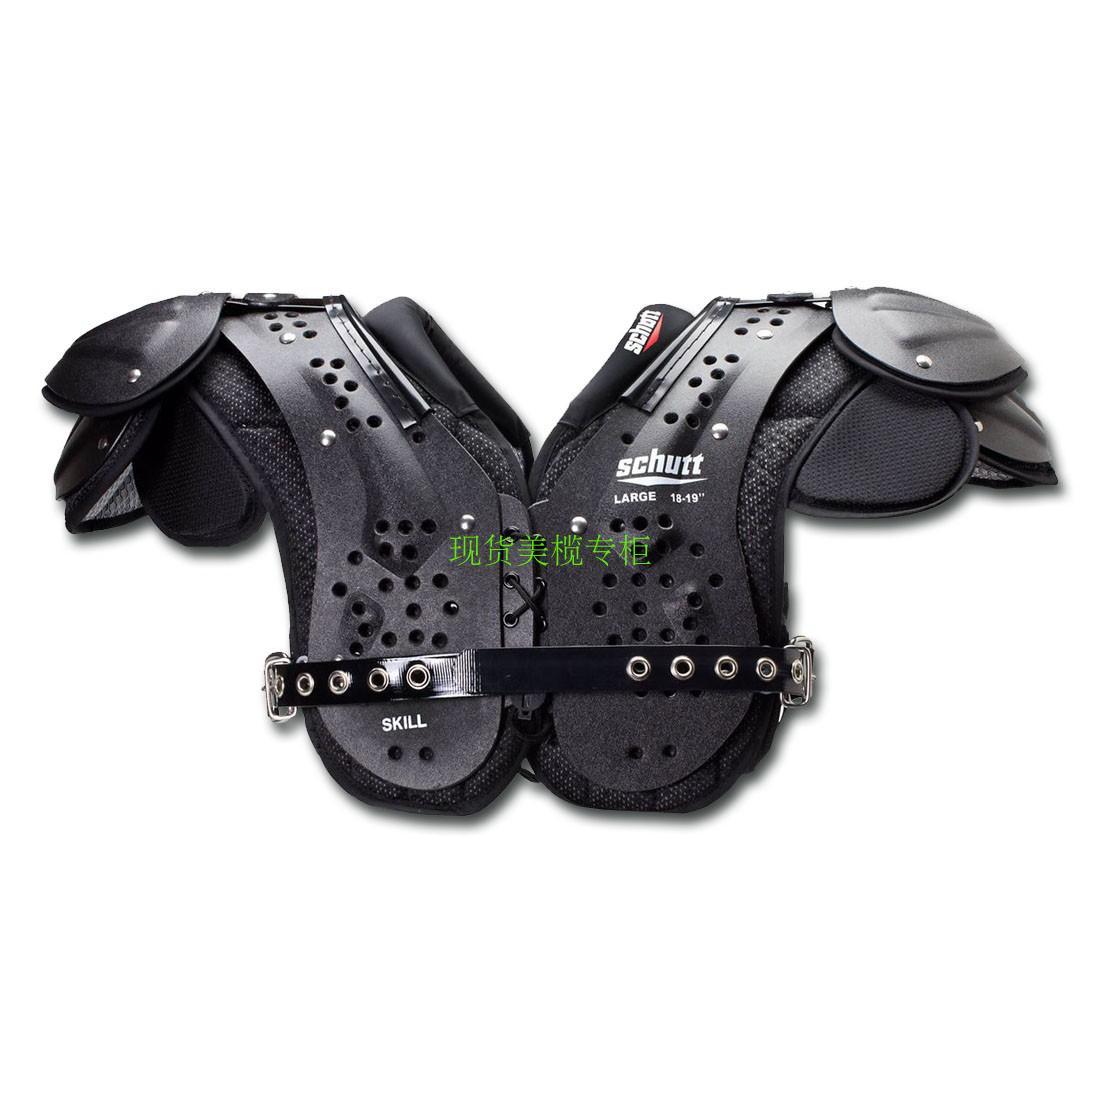 Schutt Adult Shoulder Pads удобный специальный для взрослых американский регби плечо броня